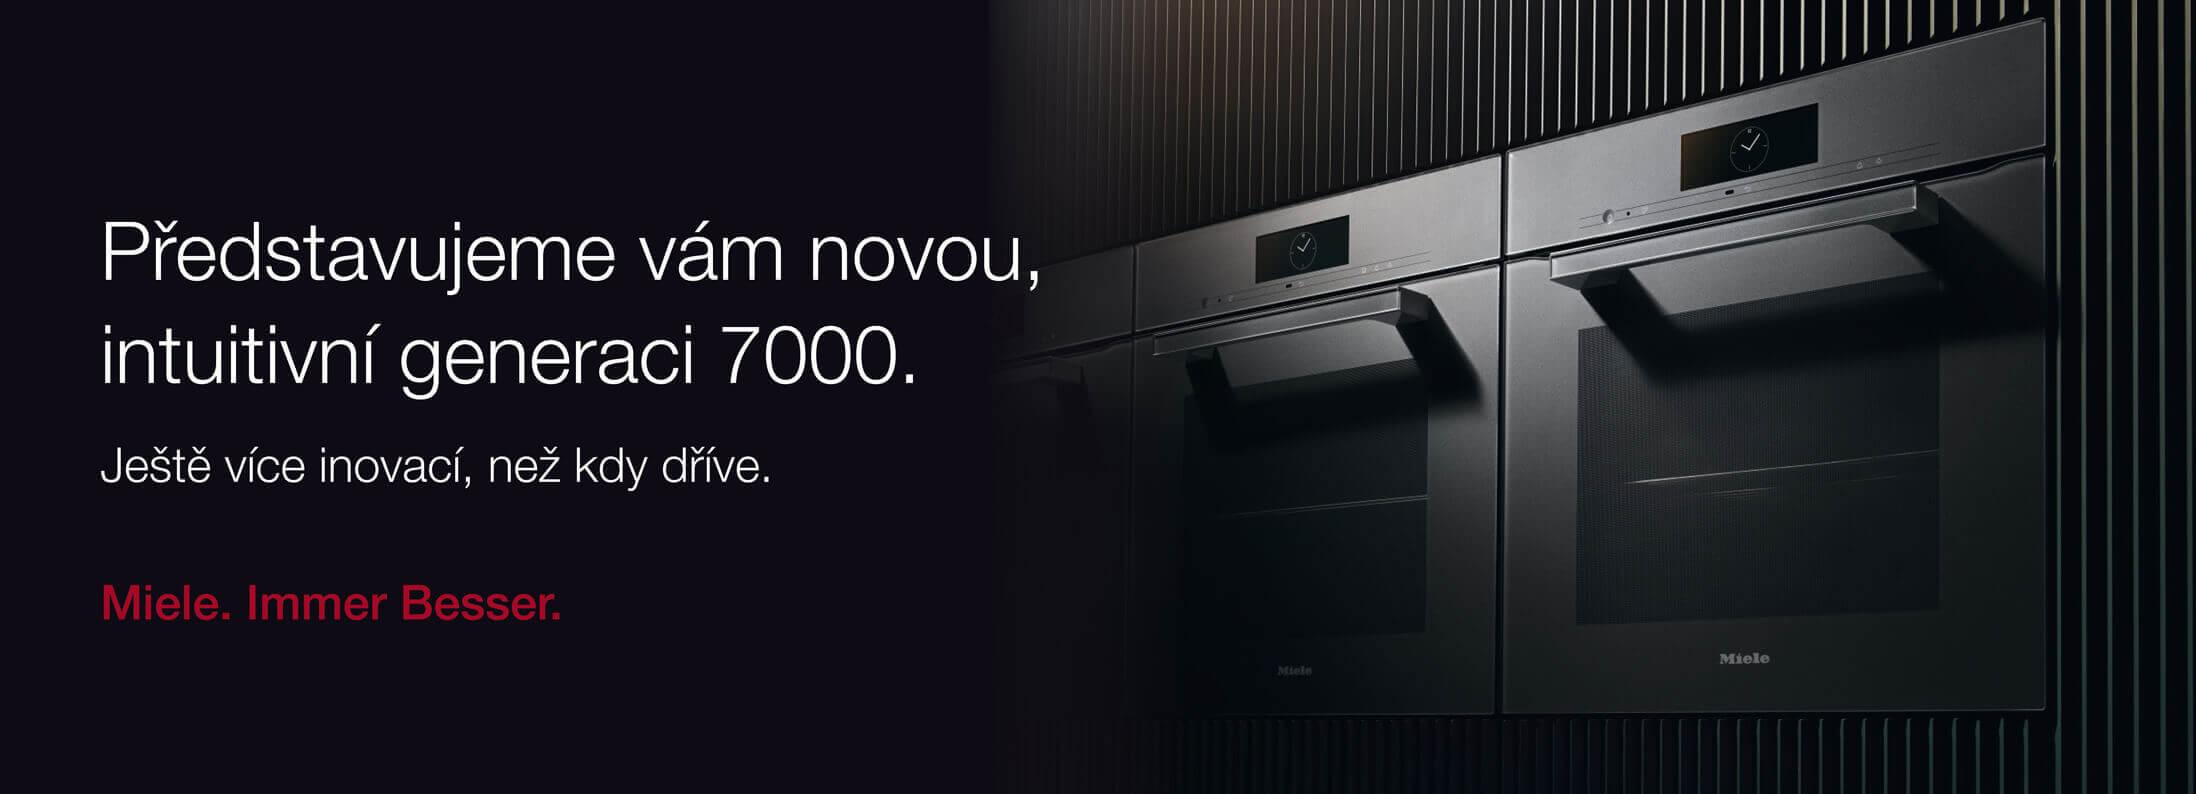 Miele nová intuitivní generace 7000